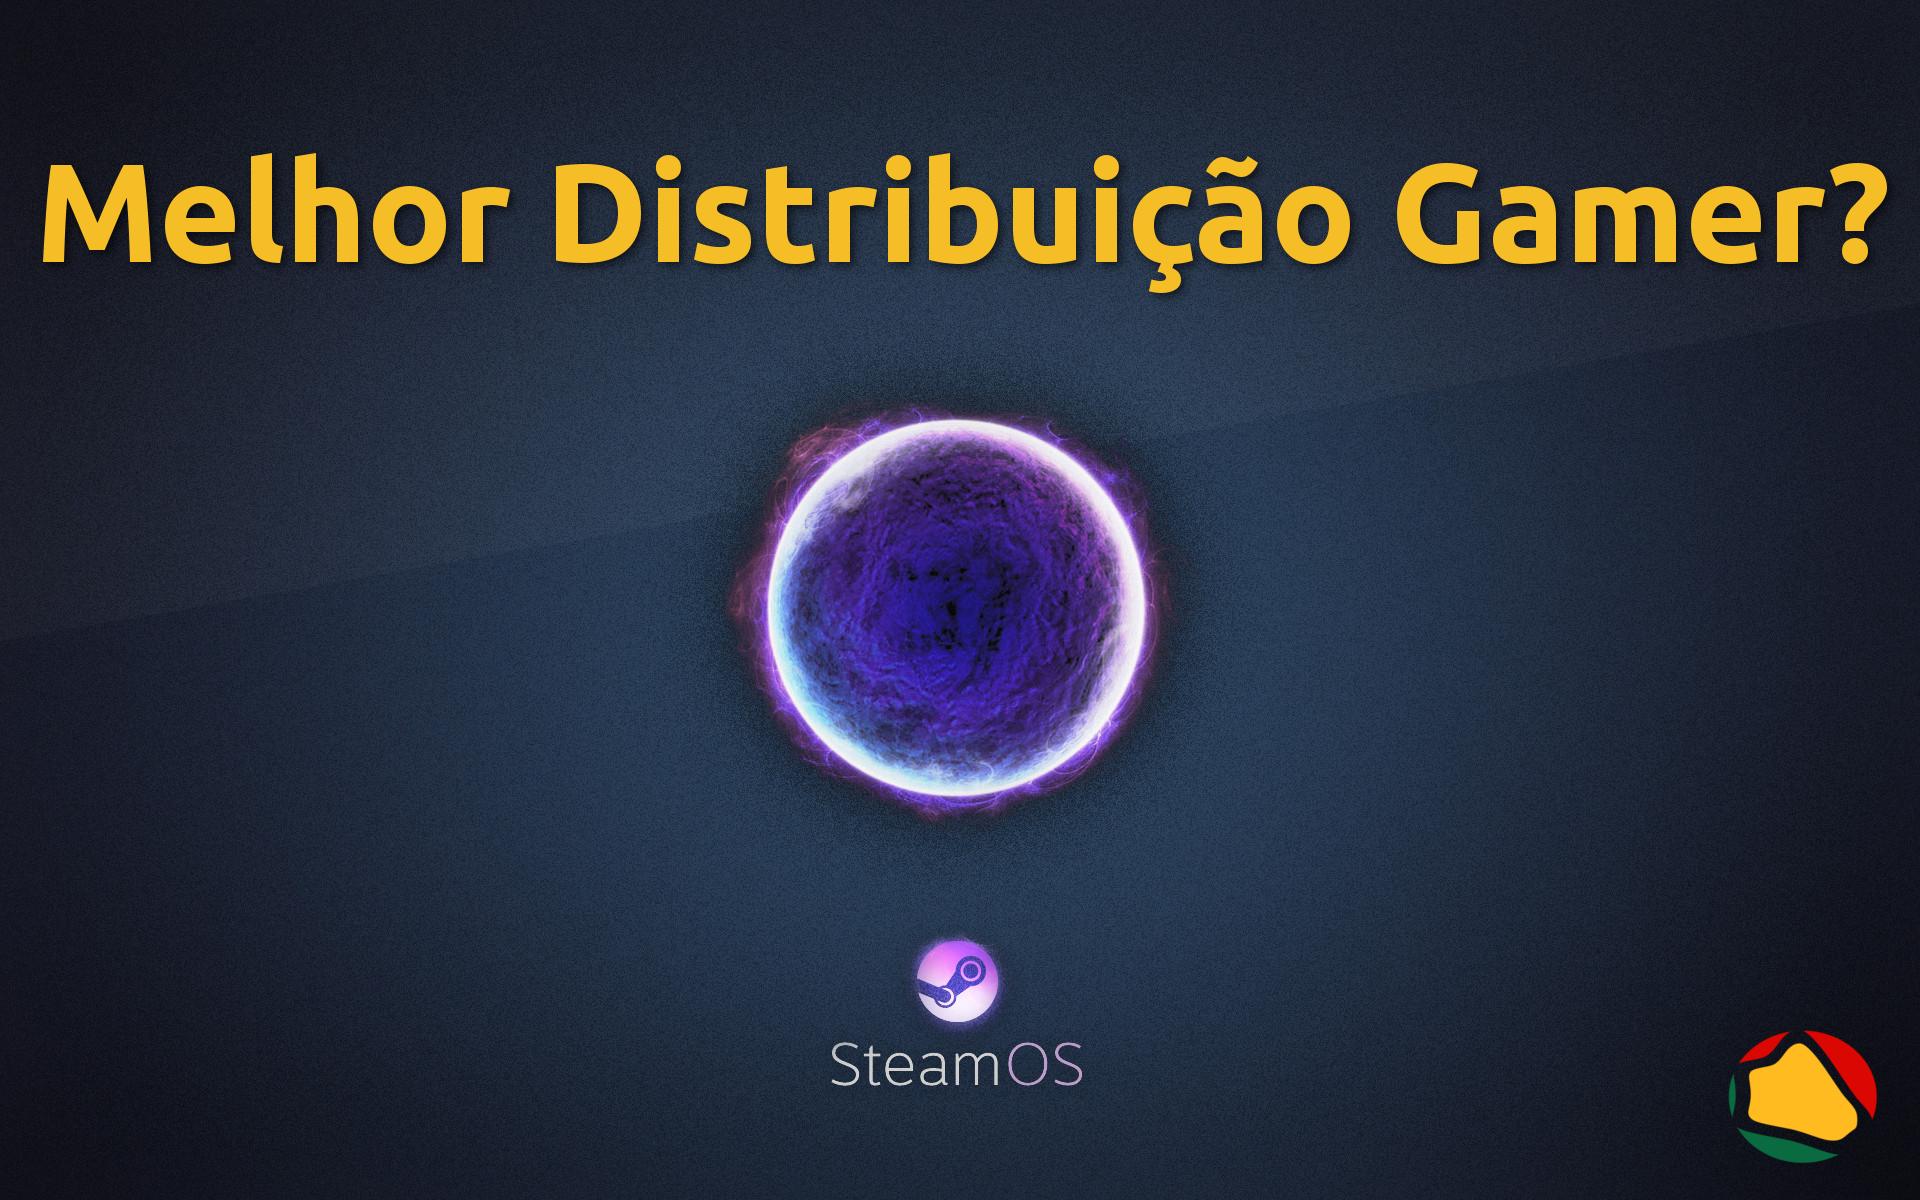 SteamOS – A Melhor Distribuição Gamer? Aprenda a Instalar